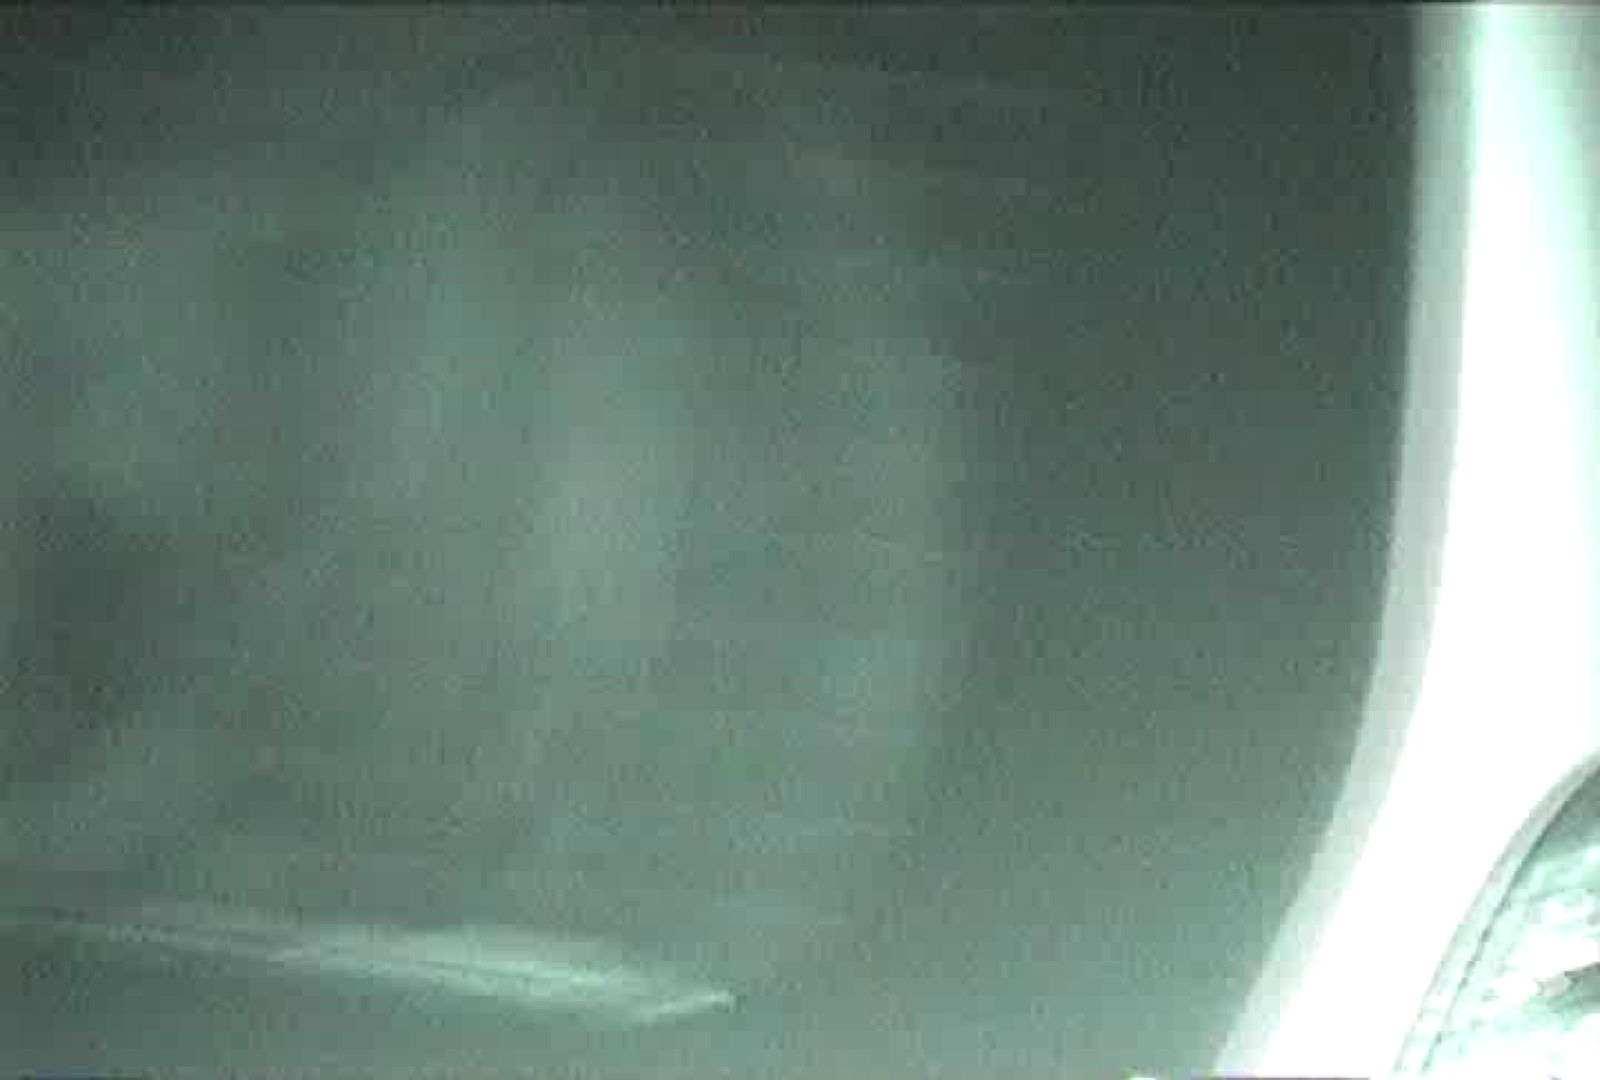 充血監督の深夜の運動会Vol.87 マンコ・ムレムレ  83pic 64